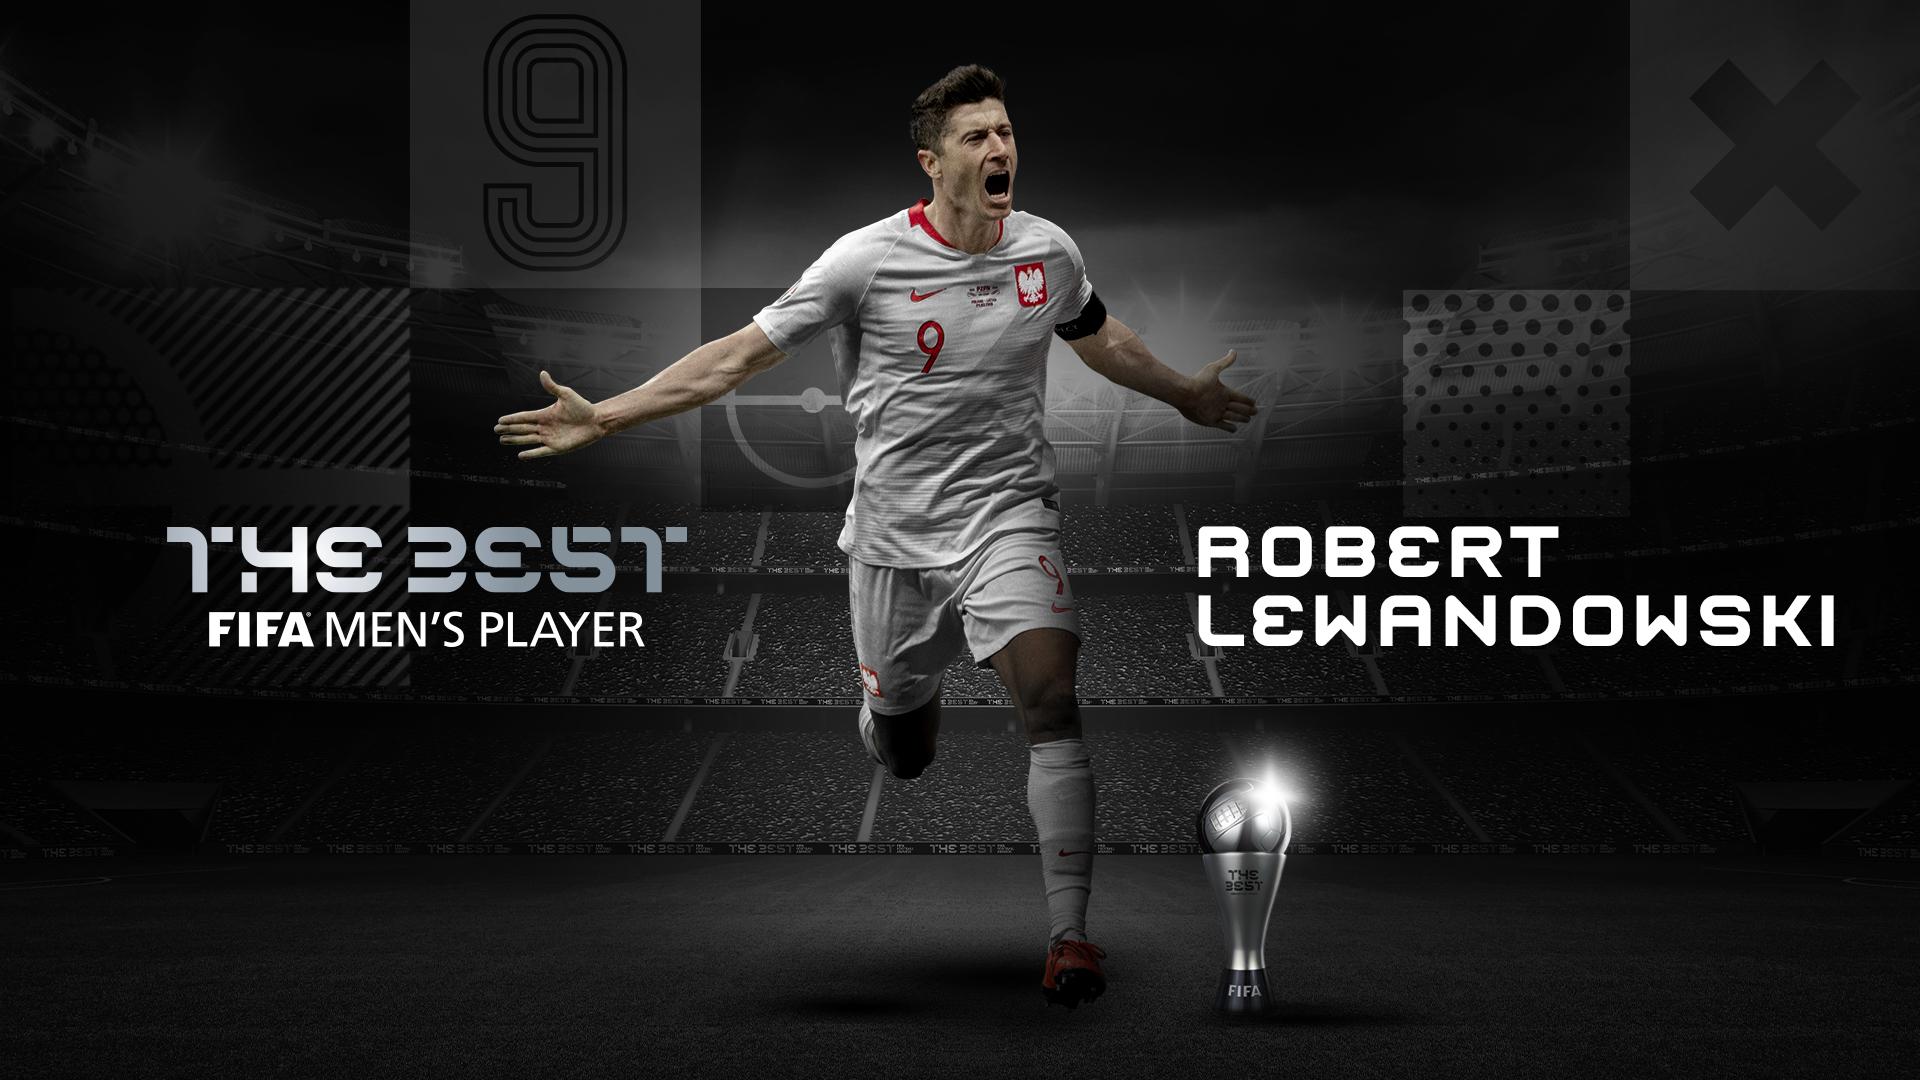 Robert Lewandowski The Best